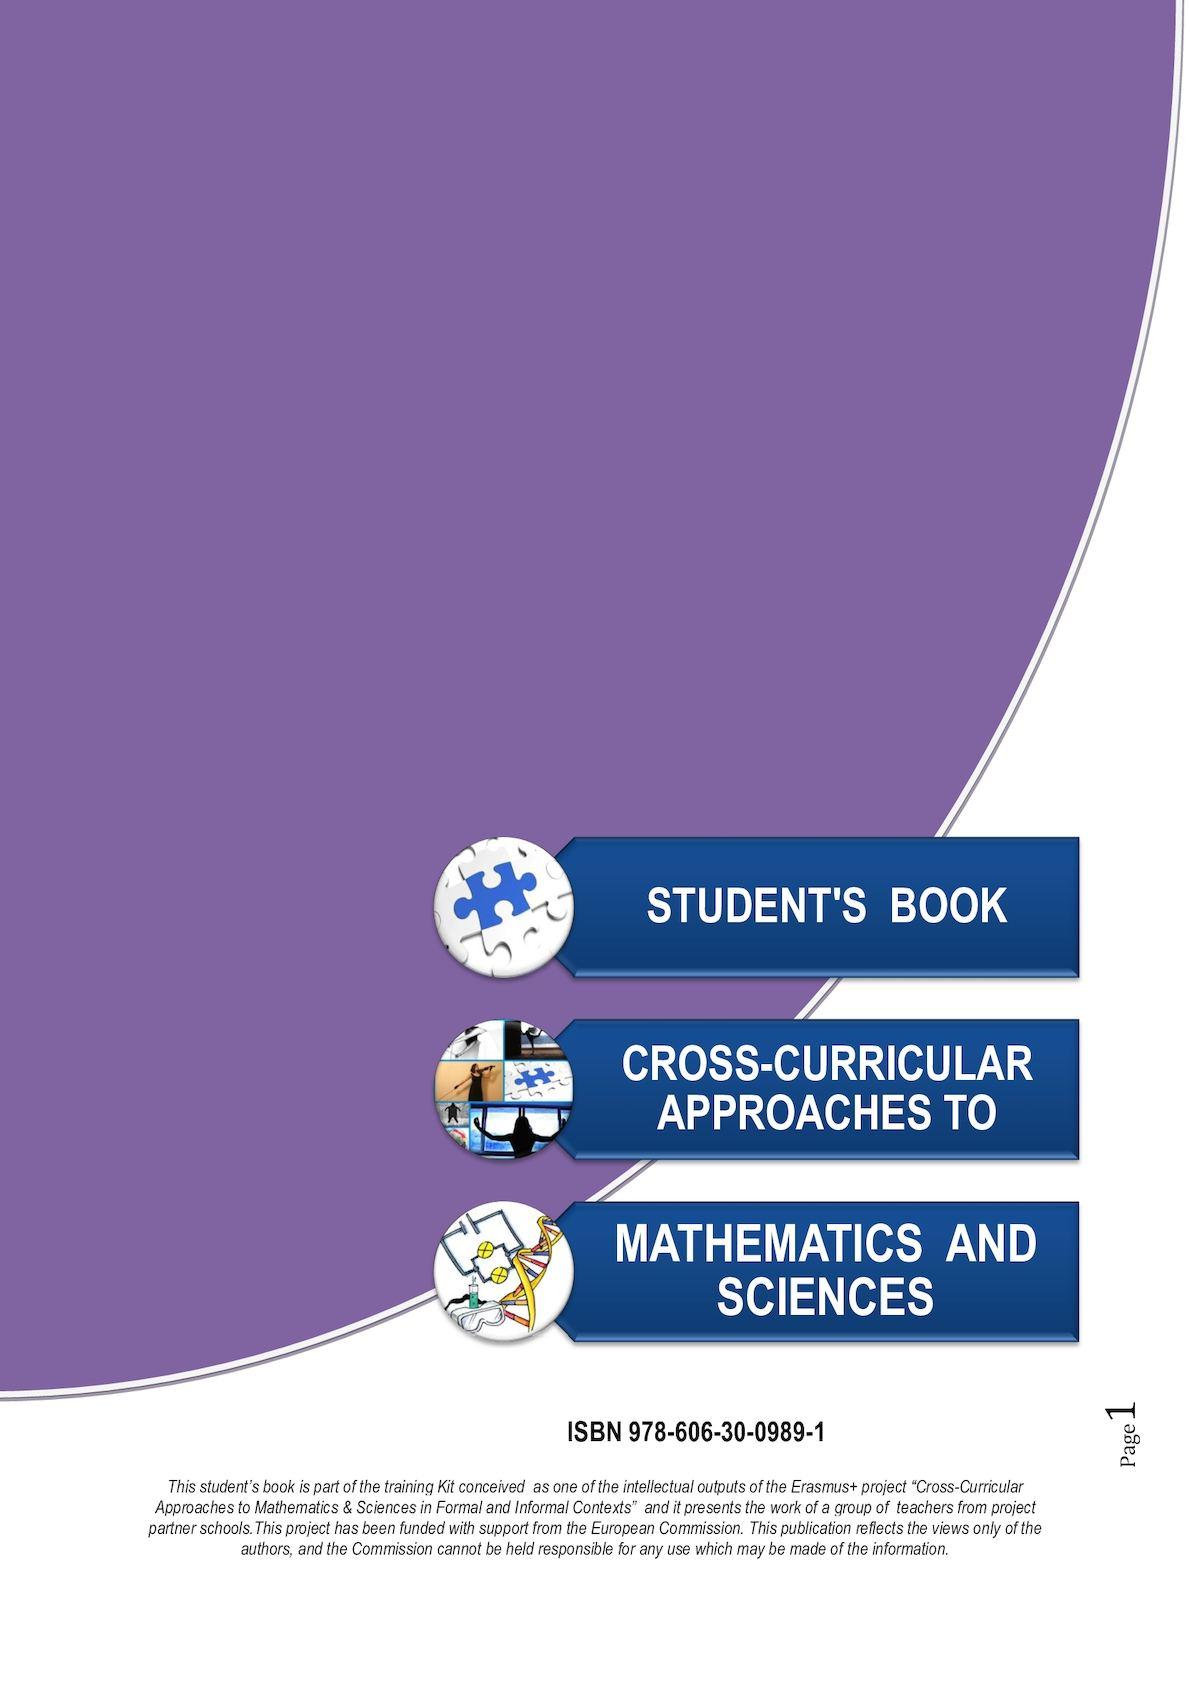 Approaches To Cross Mathematics Curricular Calaméo Student s Book Iq1xwxBP 84a1d50e79